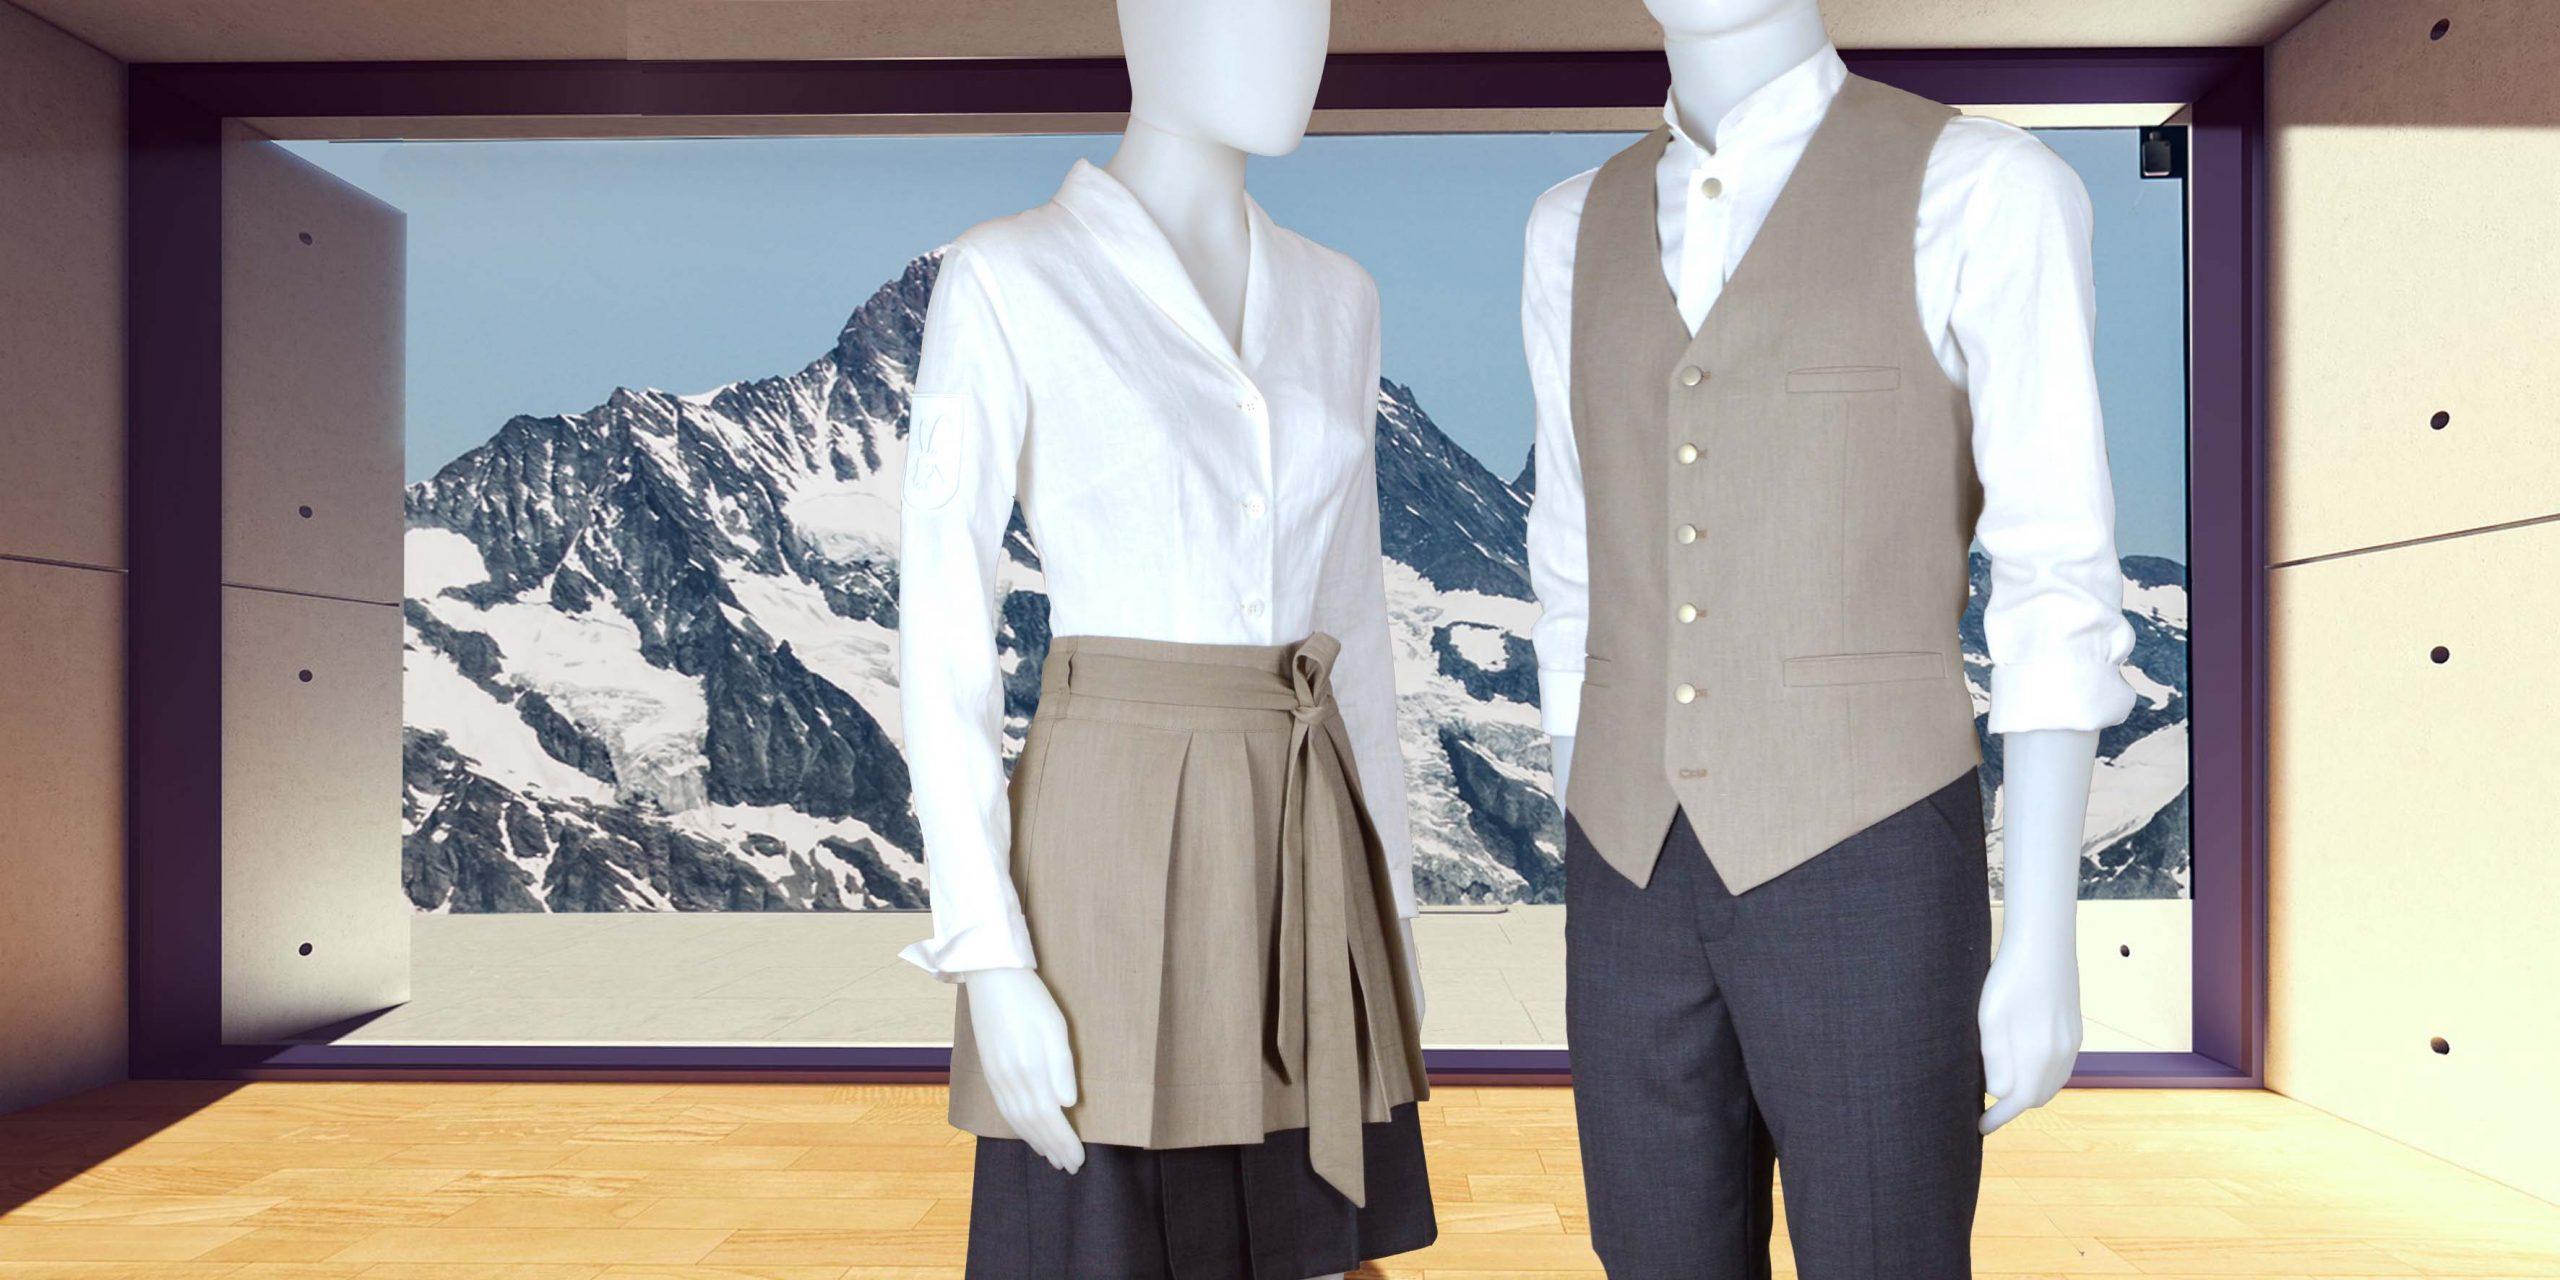 oliver-kresse-hotel-bekldeidung-corporate-design-produzent